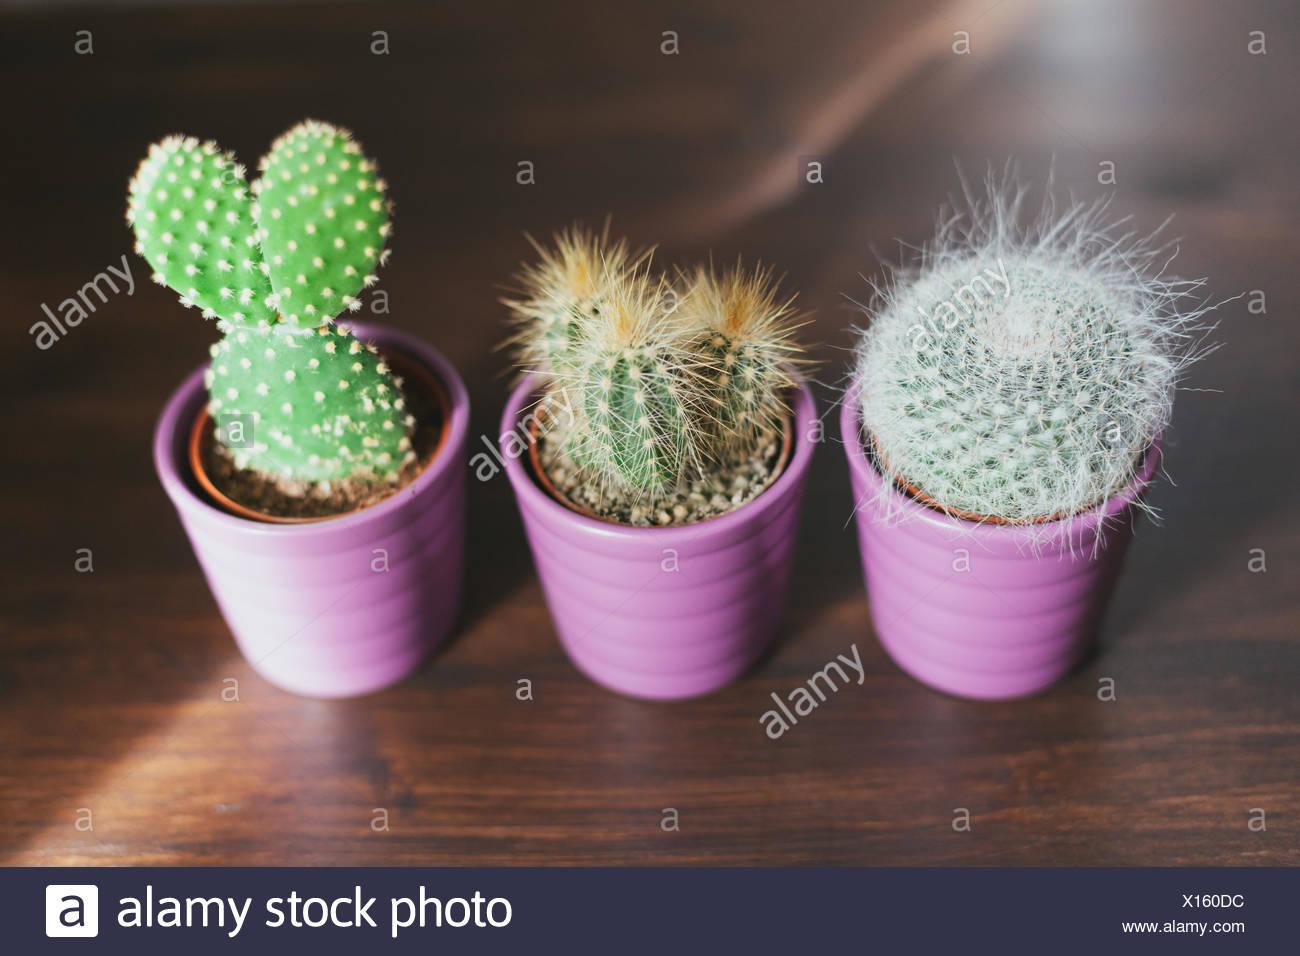 Un alto ángulo de visualización de cactus en macetas sobre piso de madera Imagen De Stock